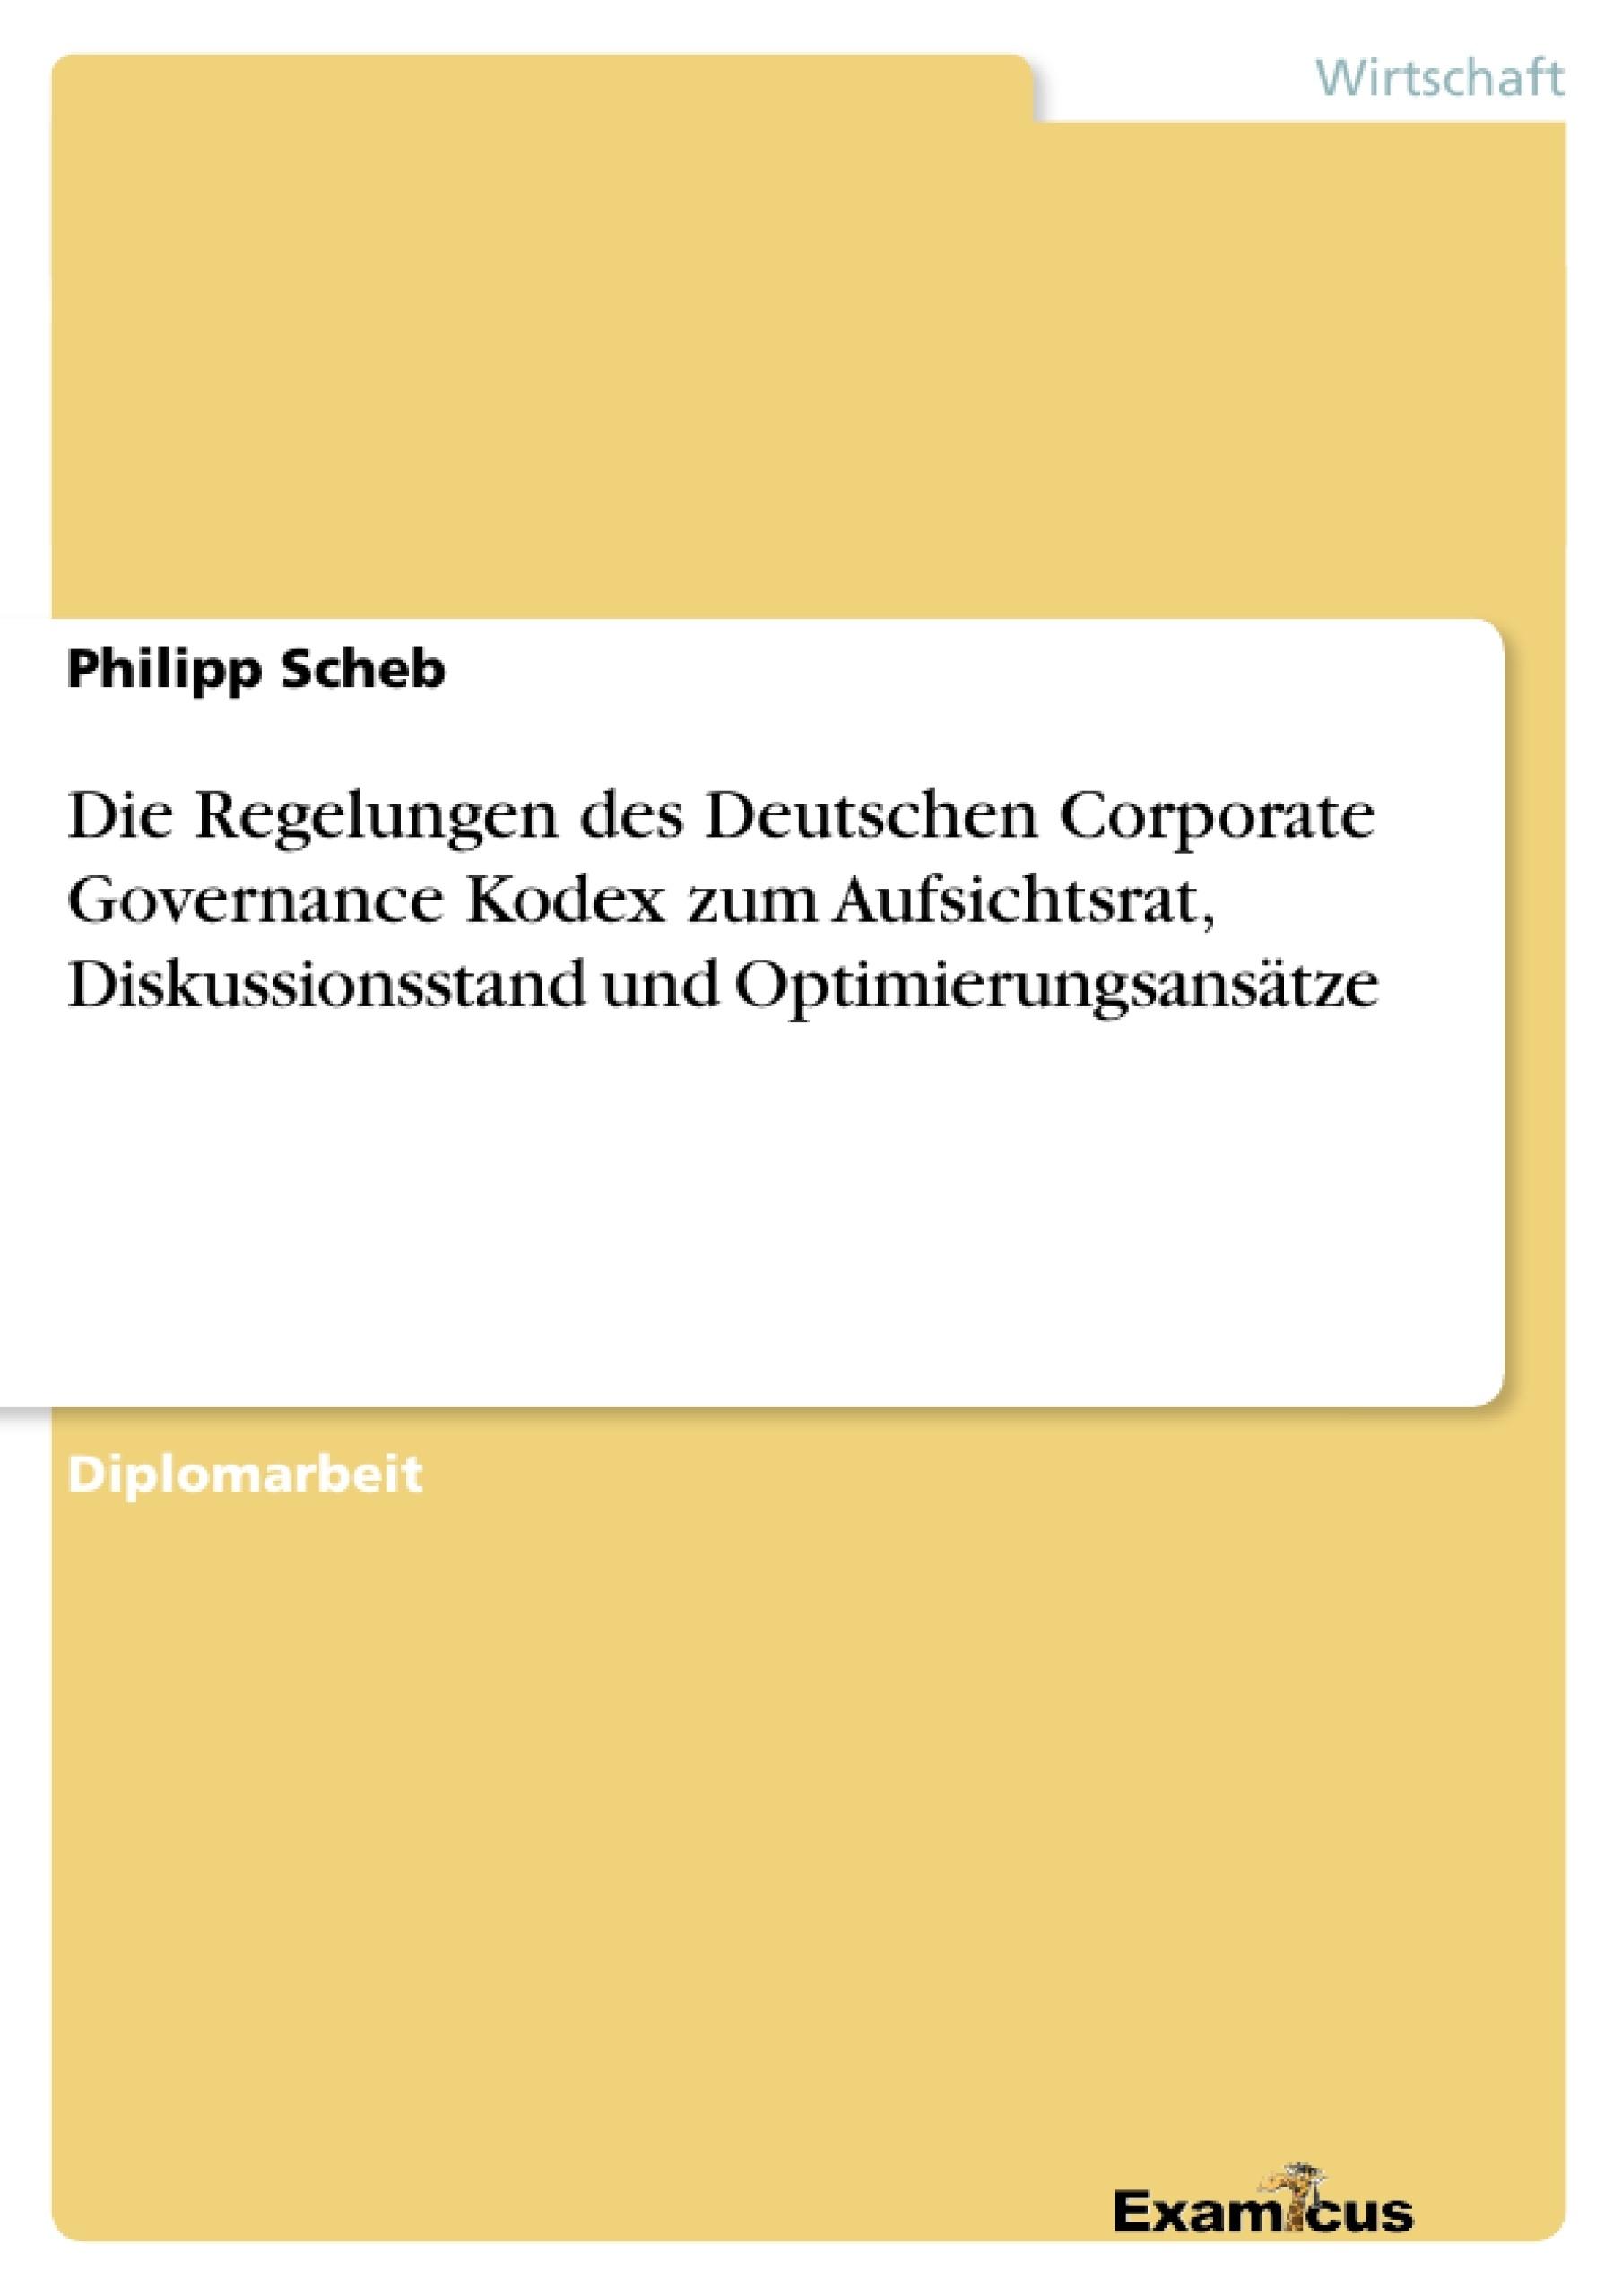 Titel: Die Regelungen des Deutschen Corporate Governance Kodex zum Aufsichtsrat, Diskussionsstand und Optimierungsansätze